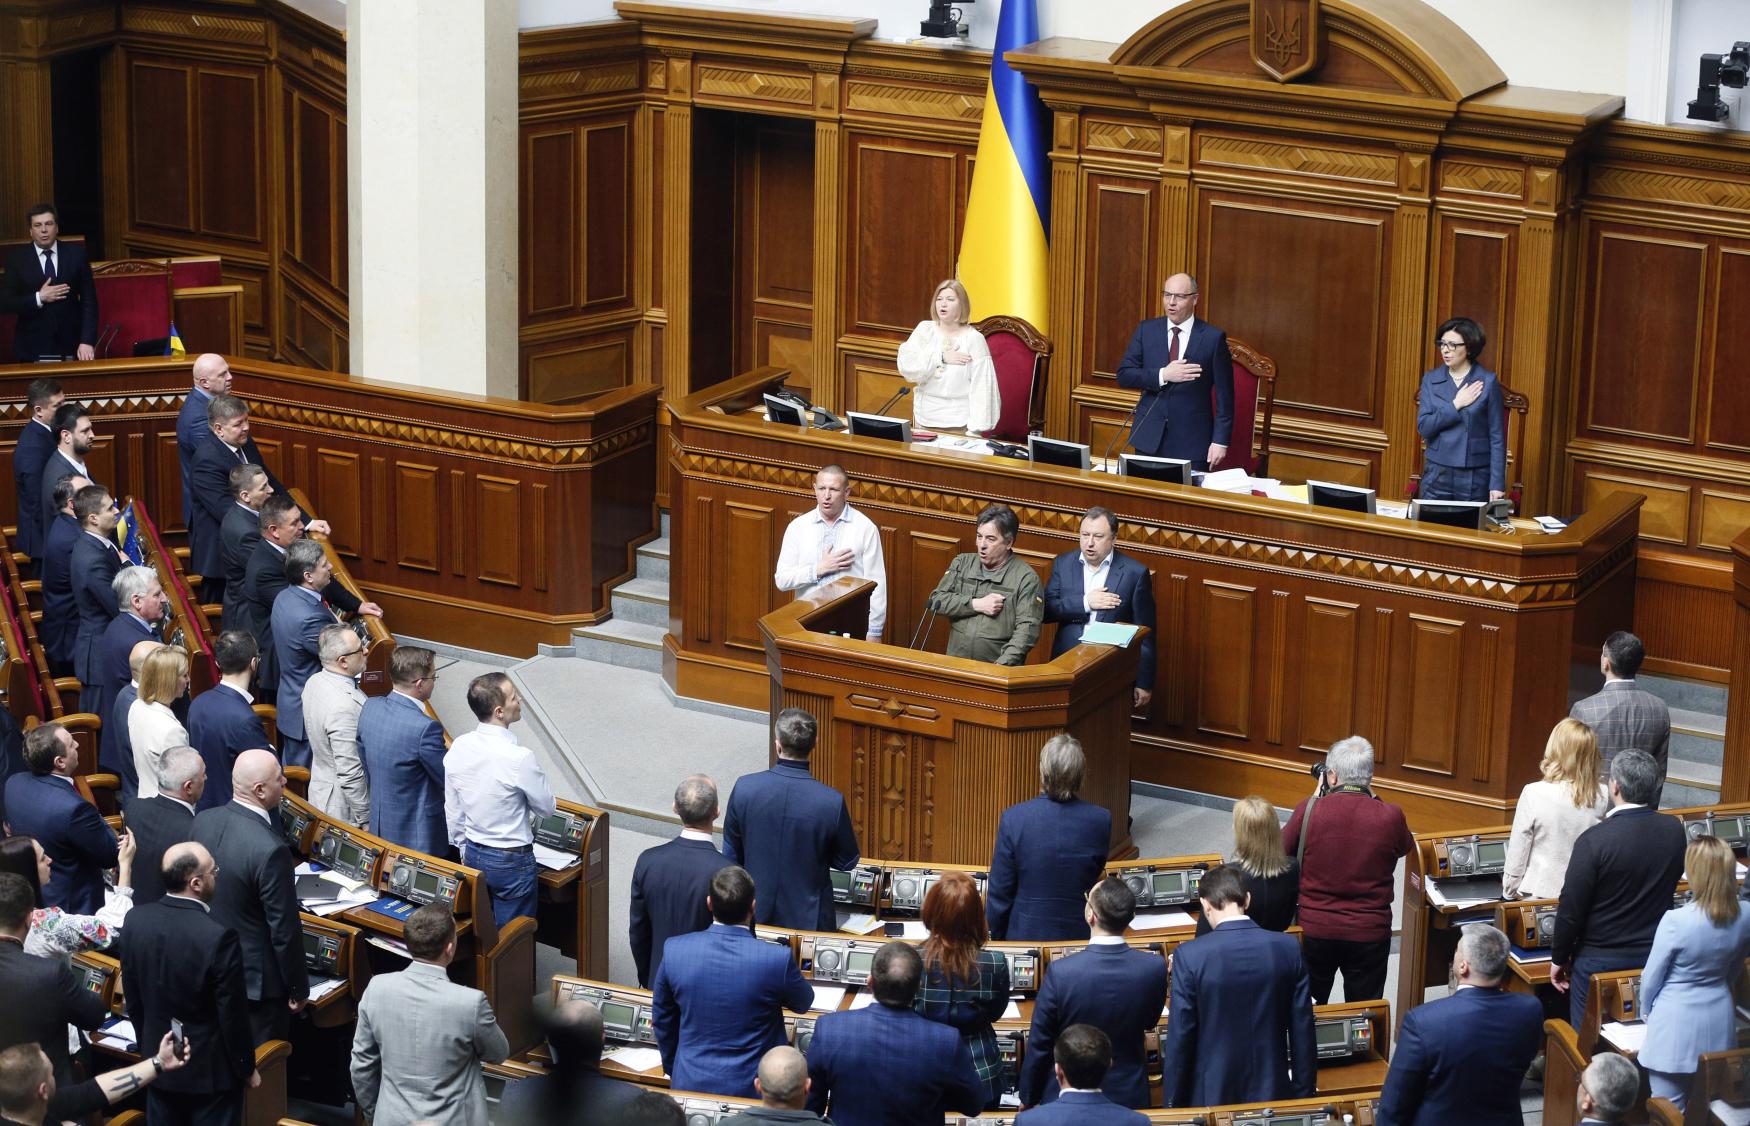 Ukrajinský parlament přijal zákon o ukrajinštině jakožto jediném státním jazyce